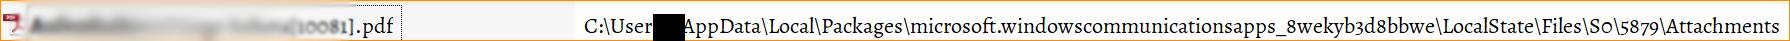 What is the folder microsoft.windowscommunity 7553d135-46ac-405b-8152-14b1b0a39b18?upload=true.png